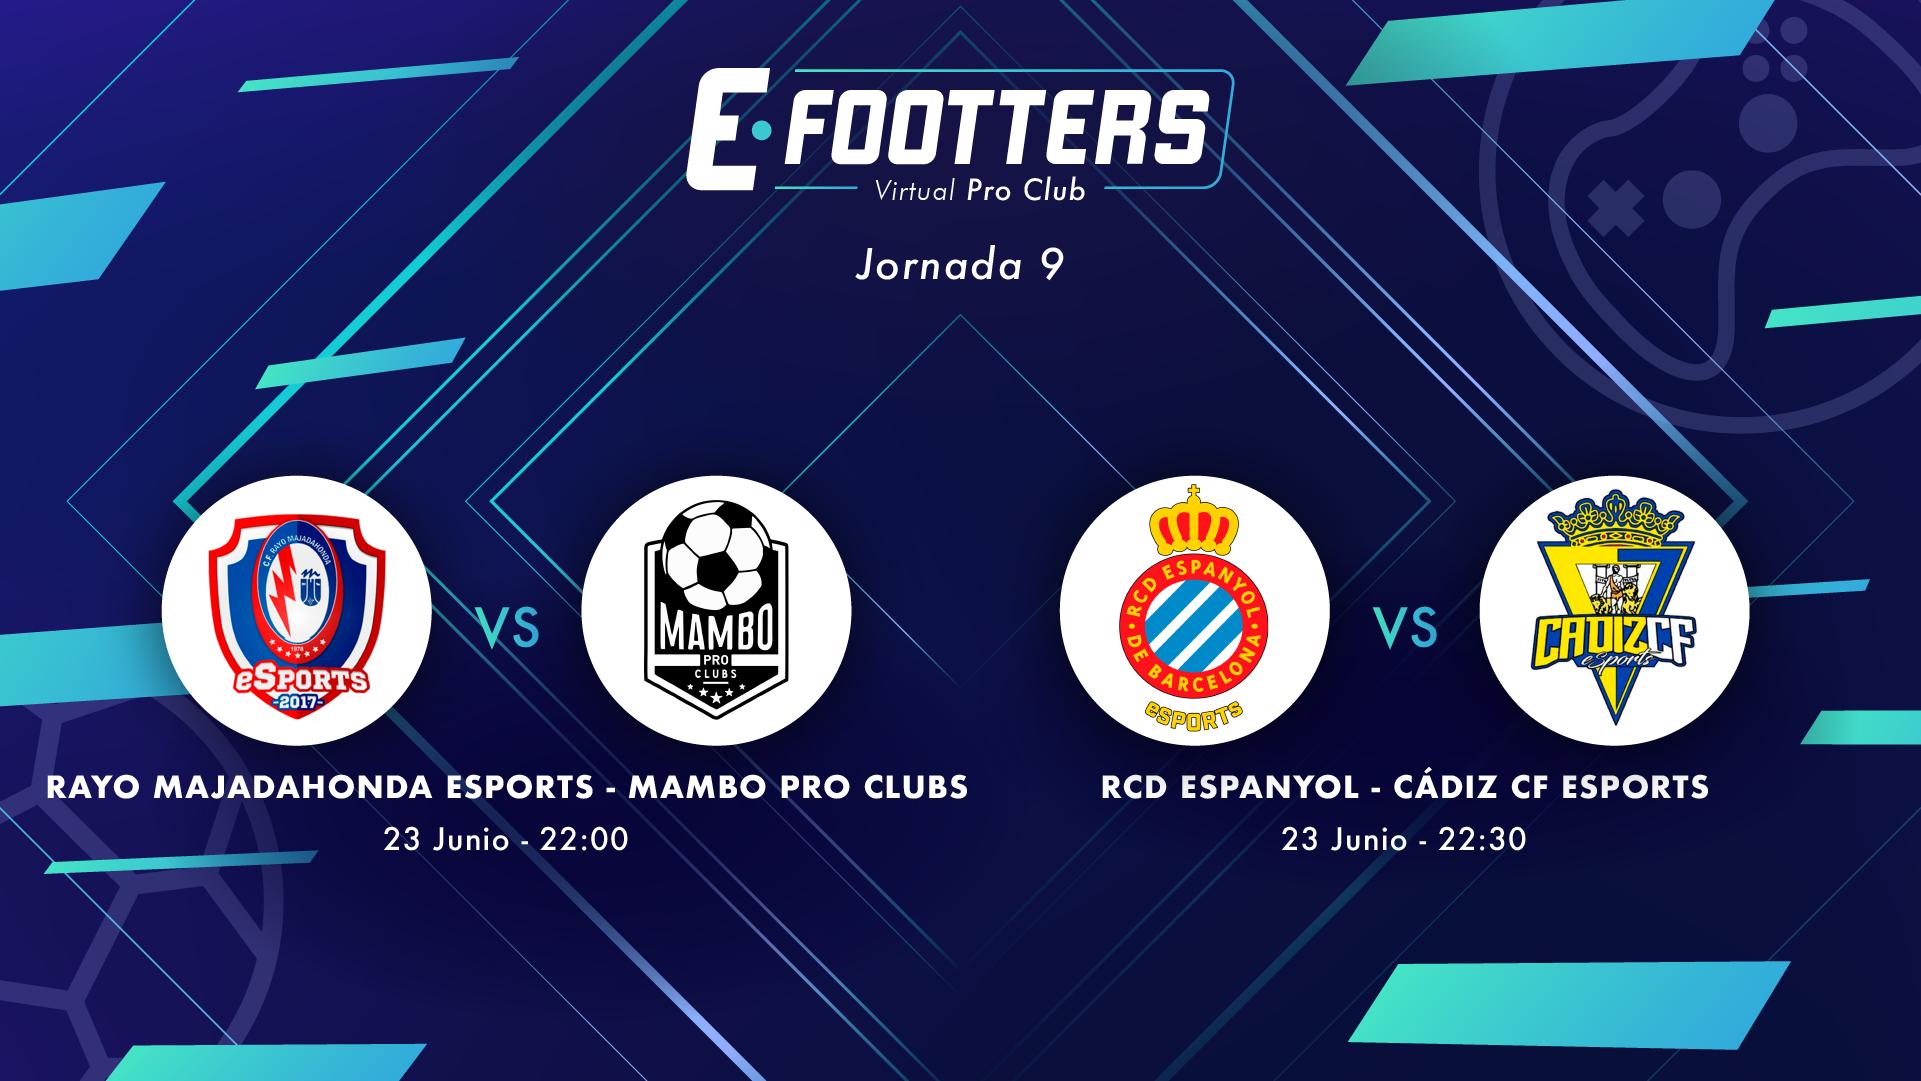 Rayo - Mambo y Espanyol - Cádiz, partidos de la jornada 9